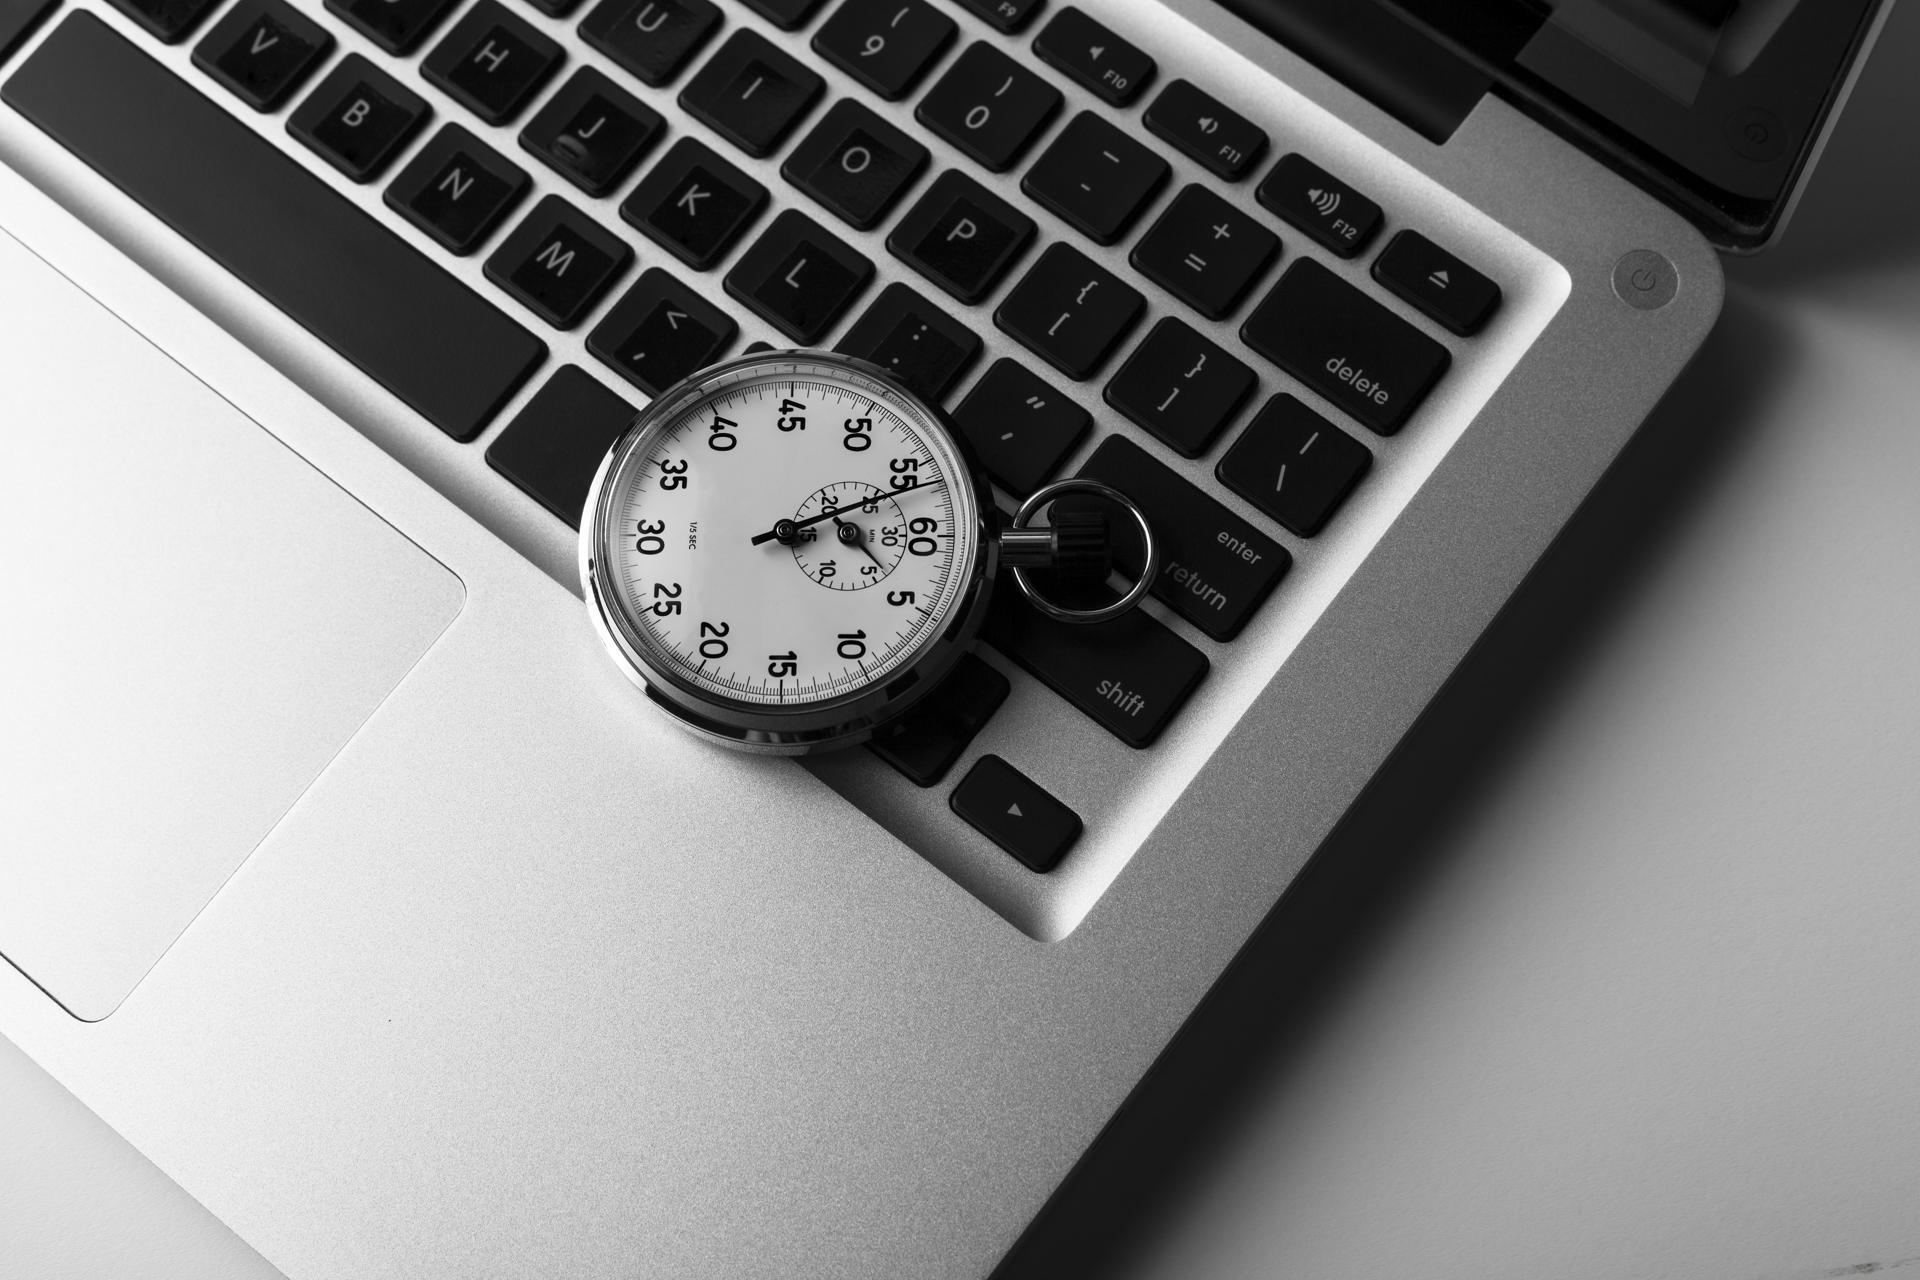 Ile czasu trwa stworzenie strony internetowej?